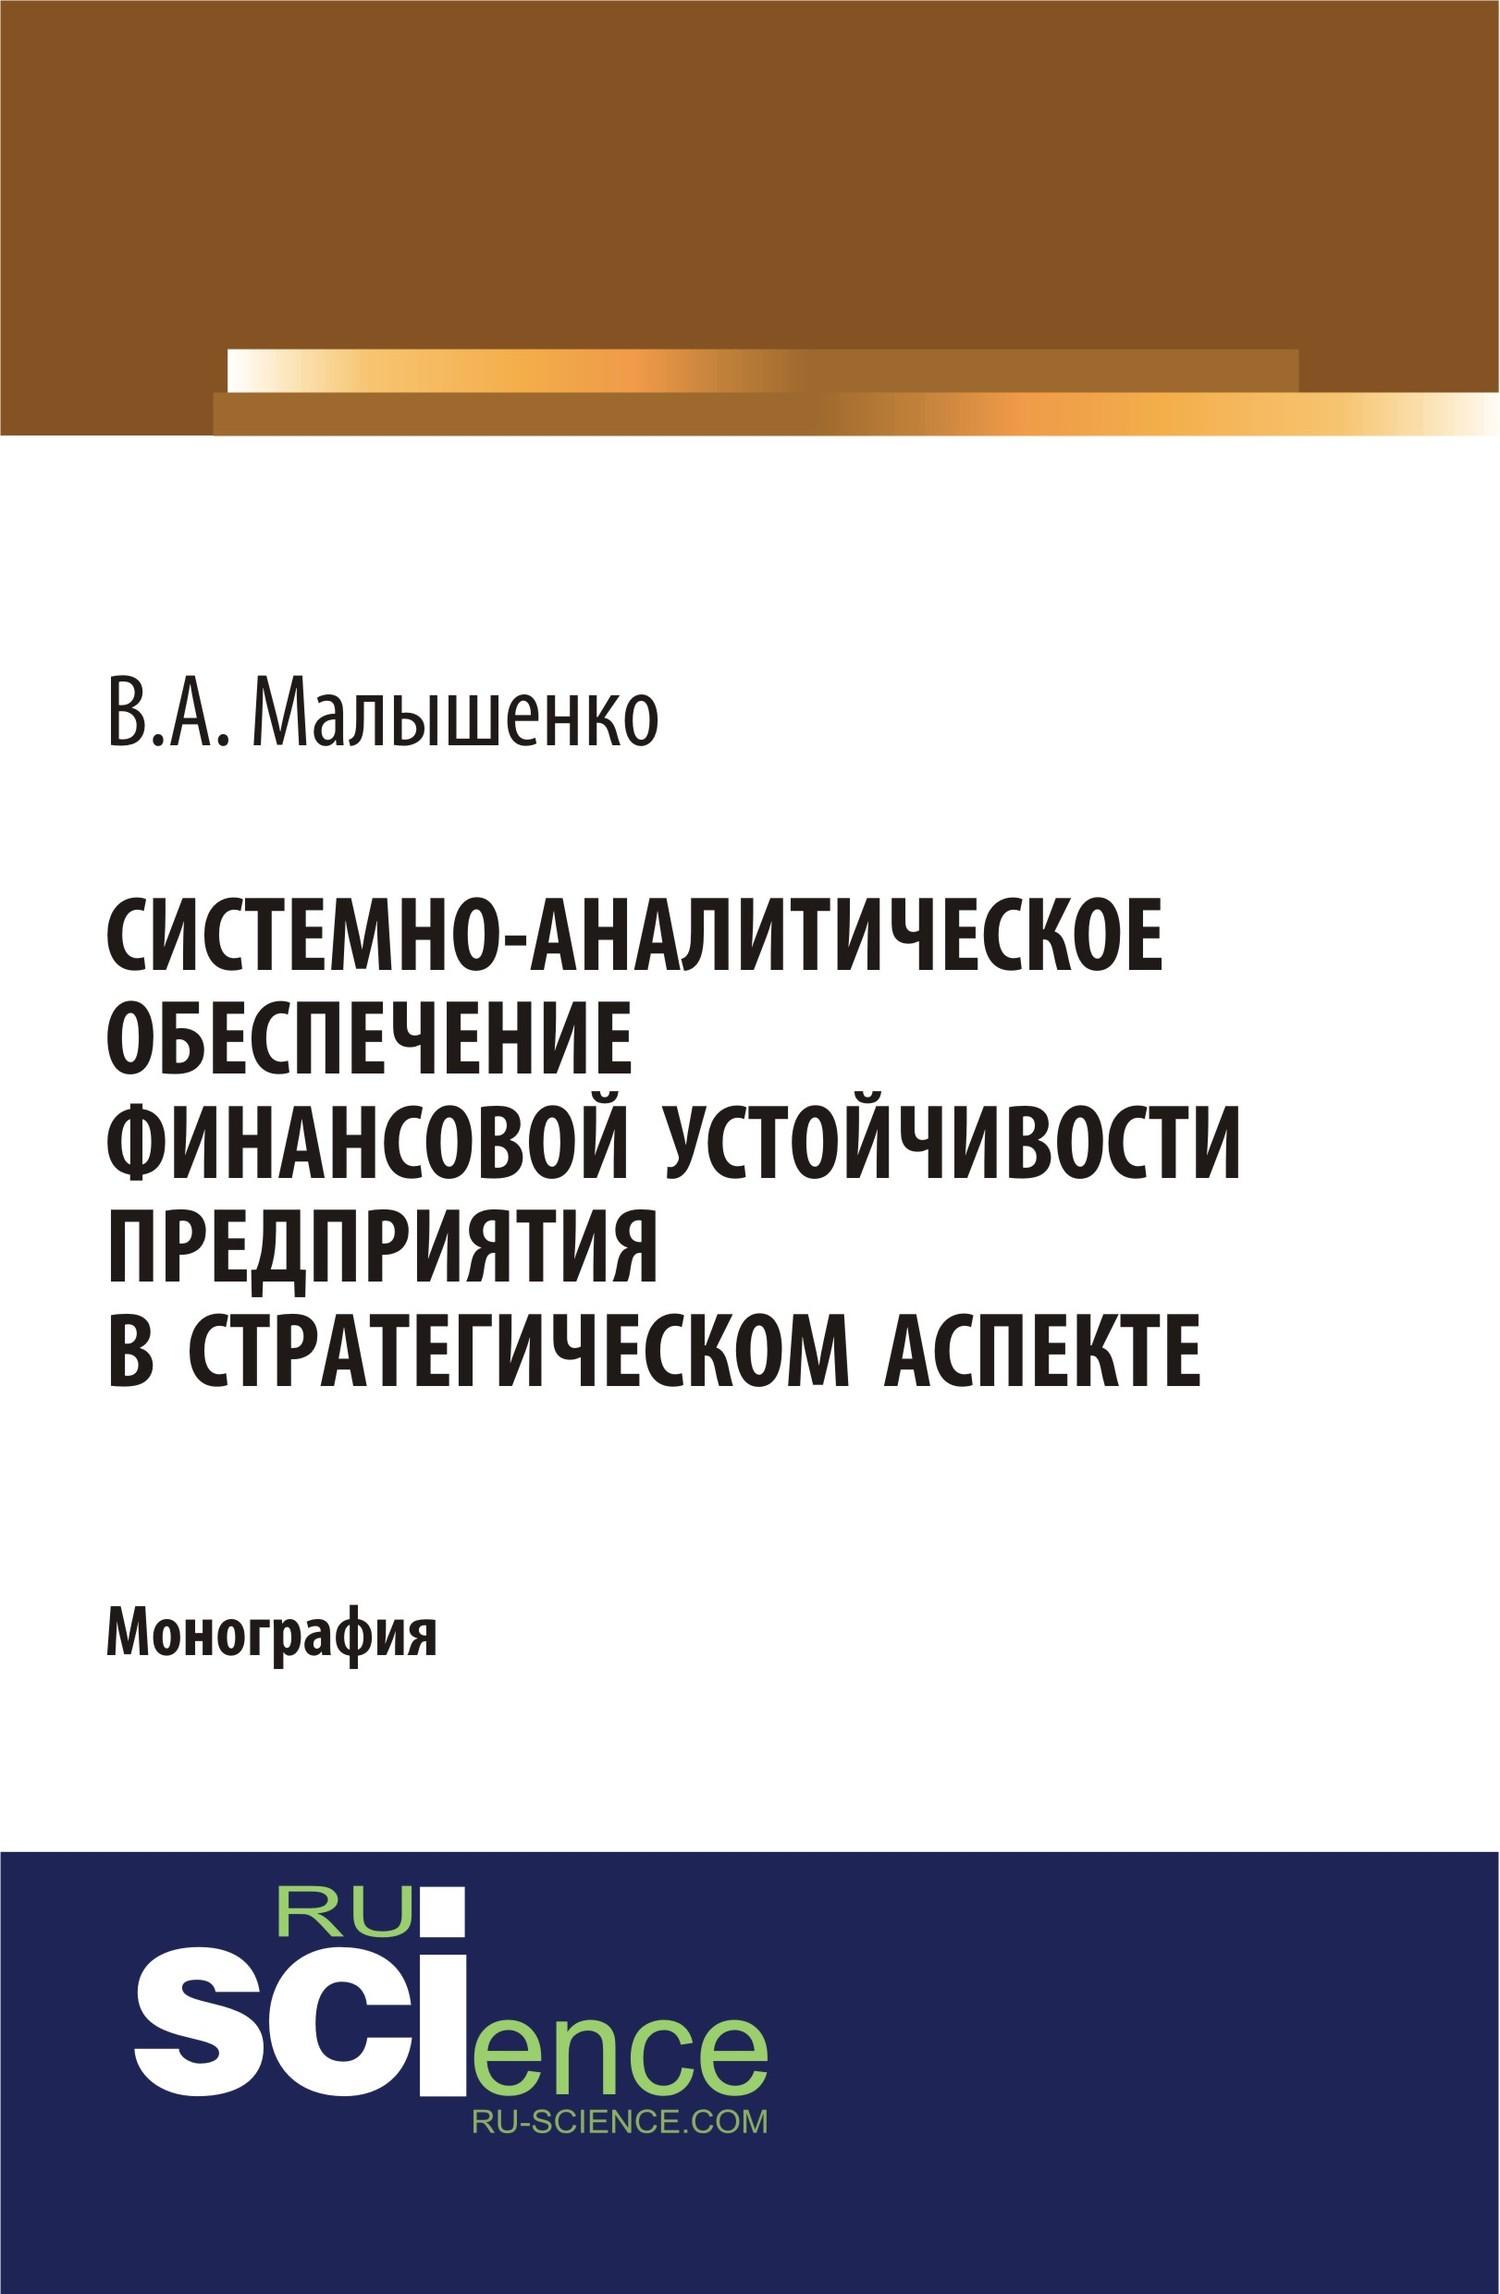 В. А. Малышенко Системно-аналитическое обеспечение финансовой устойчивости предприятия в стратегическом аспекте